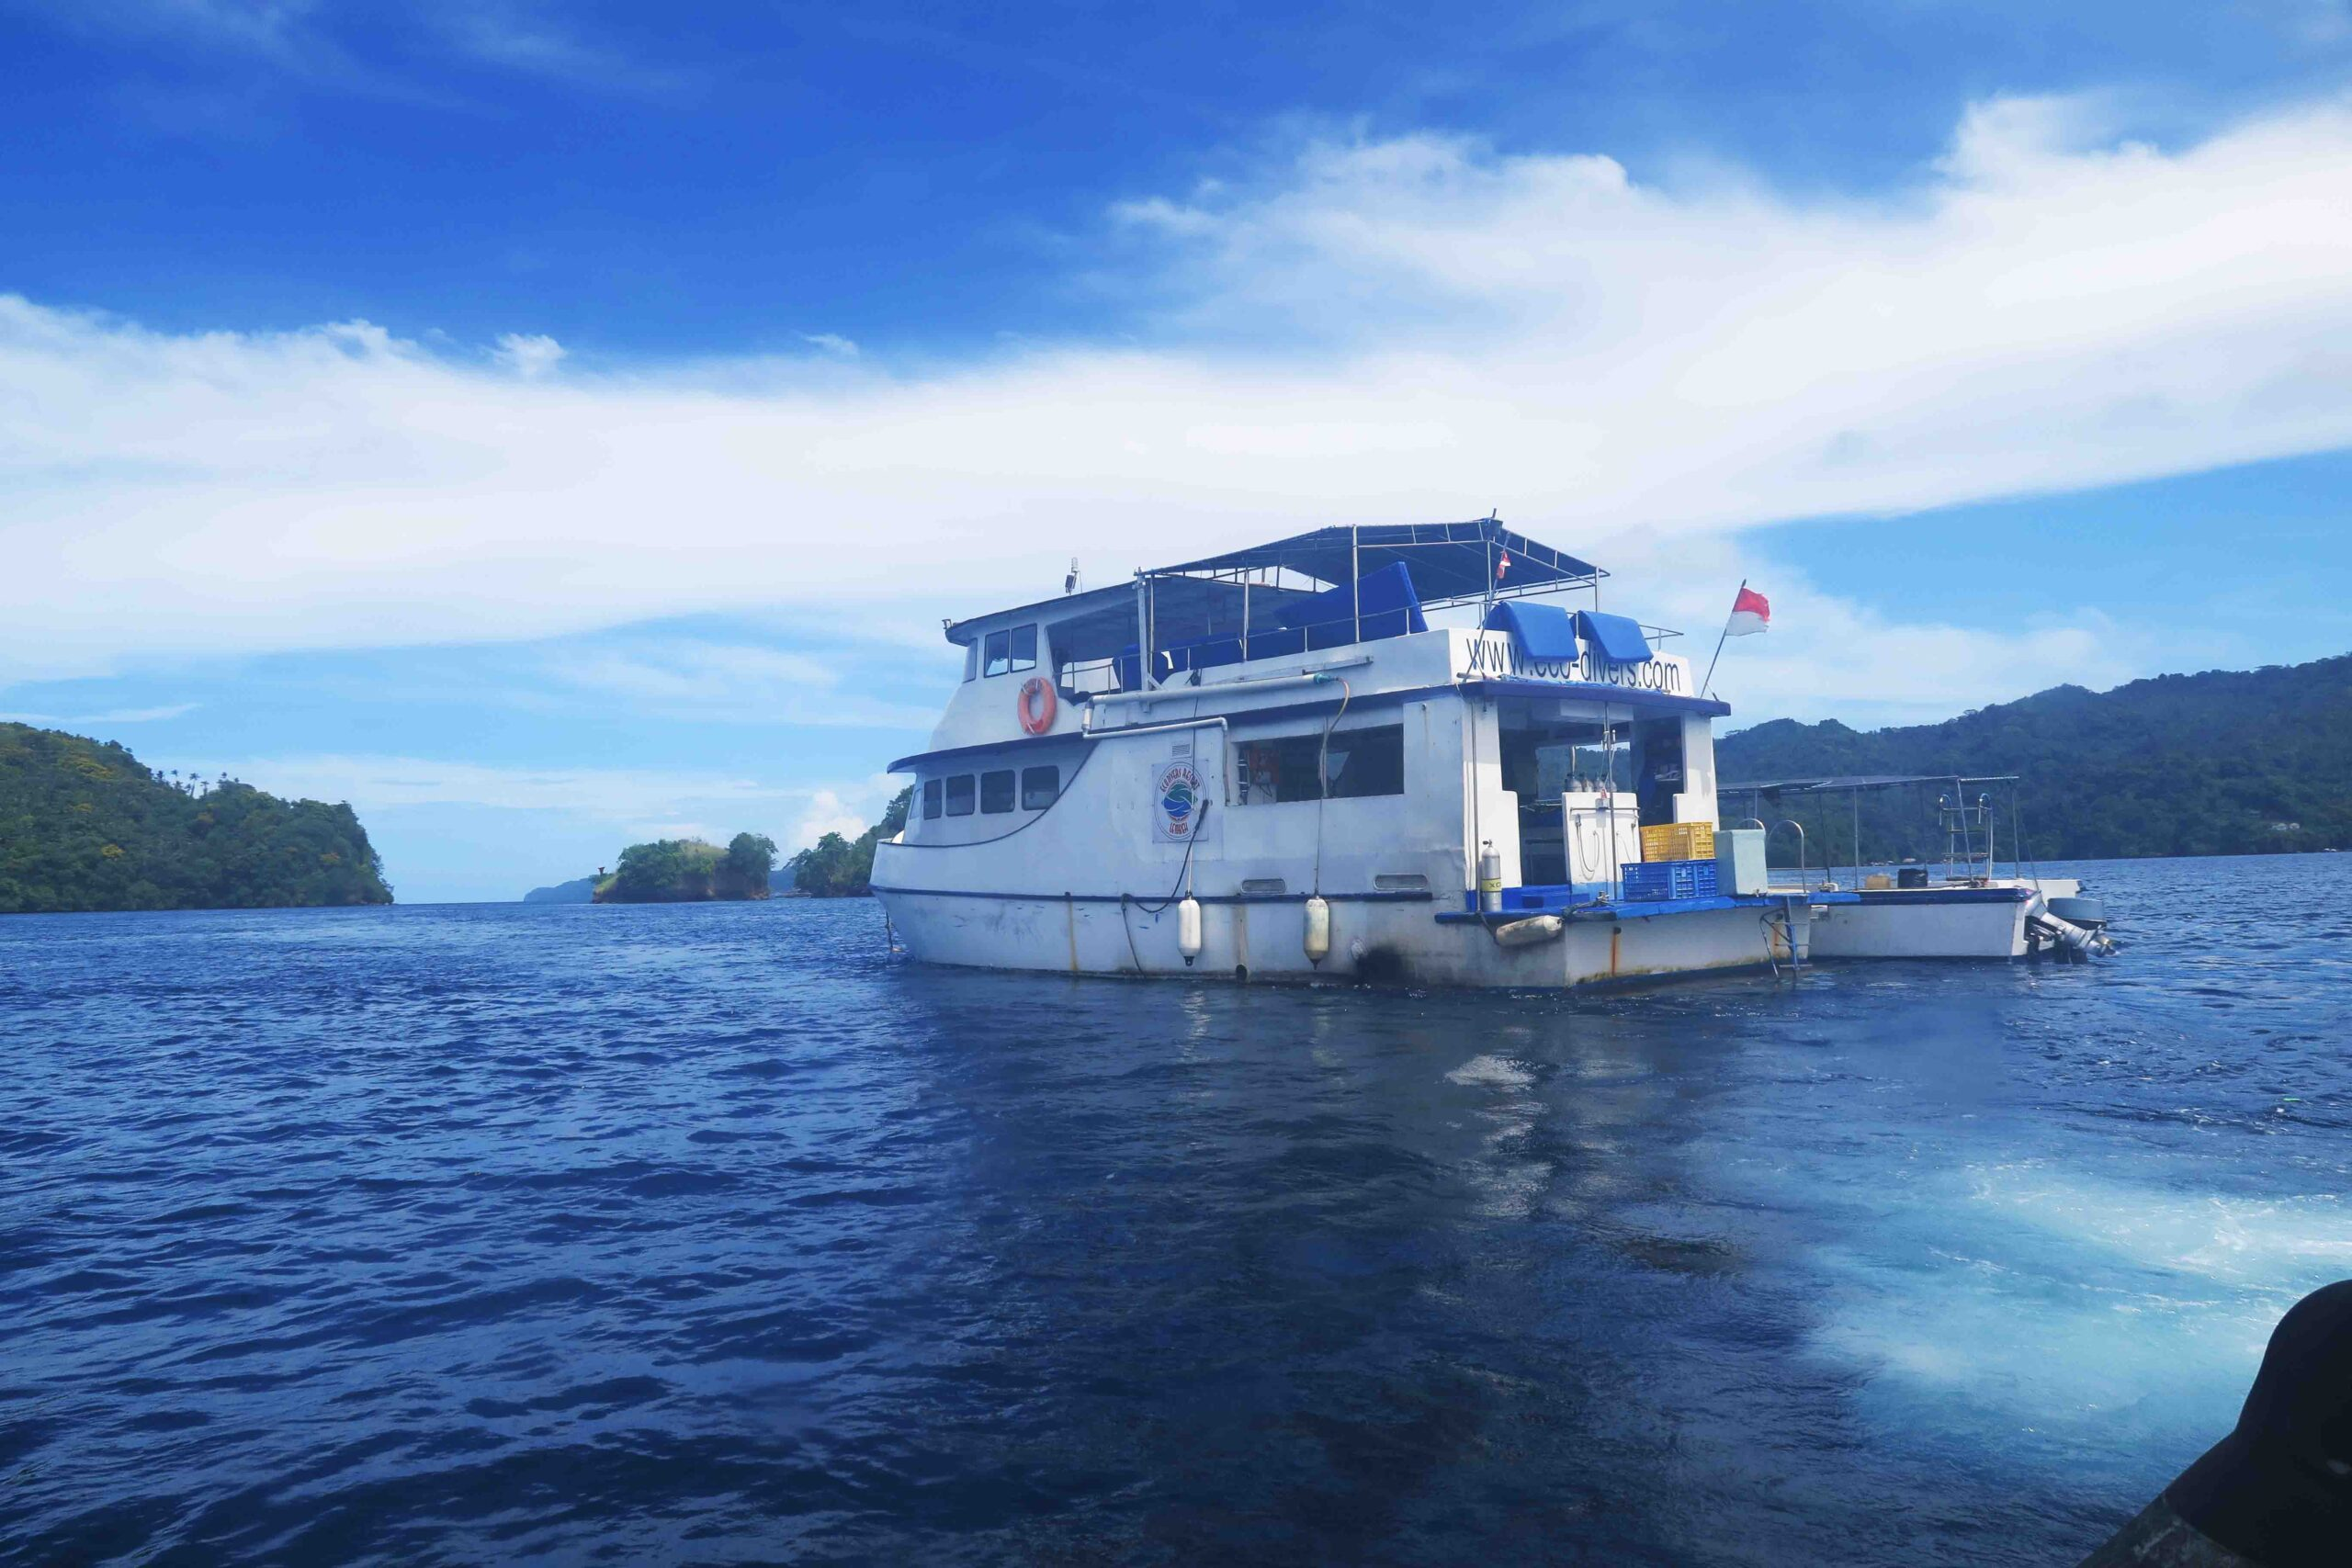 Un comodo pulmino trasferisce ogni mattina i subacquei all'imbarco di Bitung dove un'imbarcazione di appoggio mi conduce ad un'elegante barca, dotata di ogni tipo di comfort, che fungerà da pivot per le nostre giornate in mare.